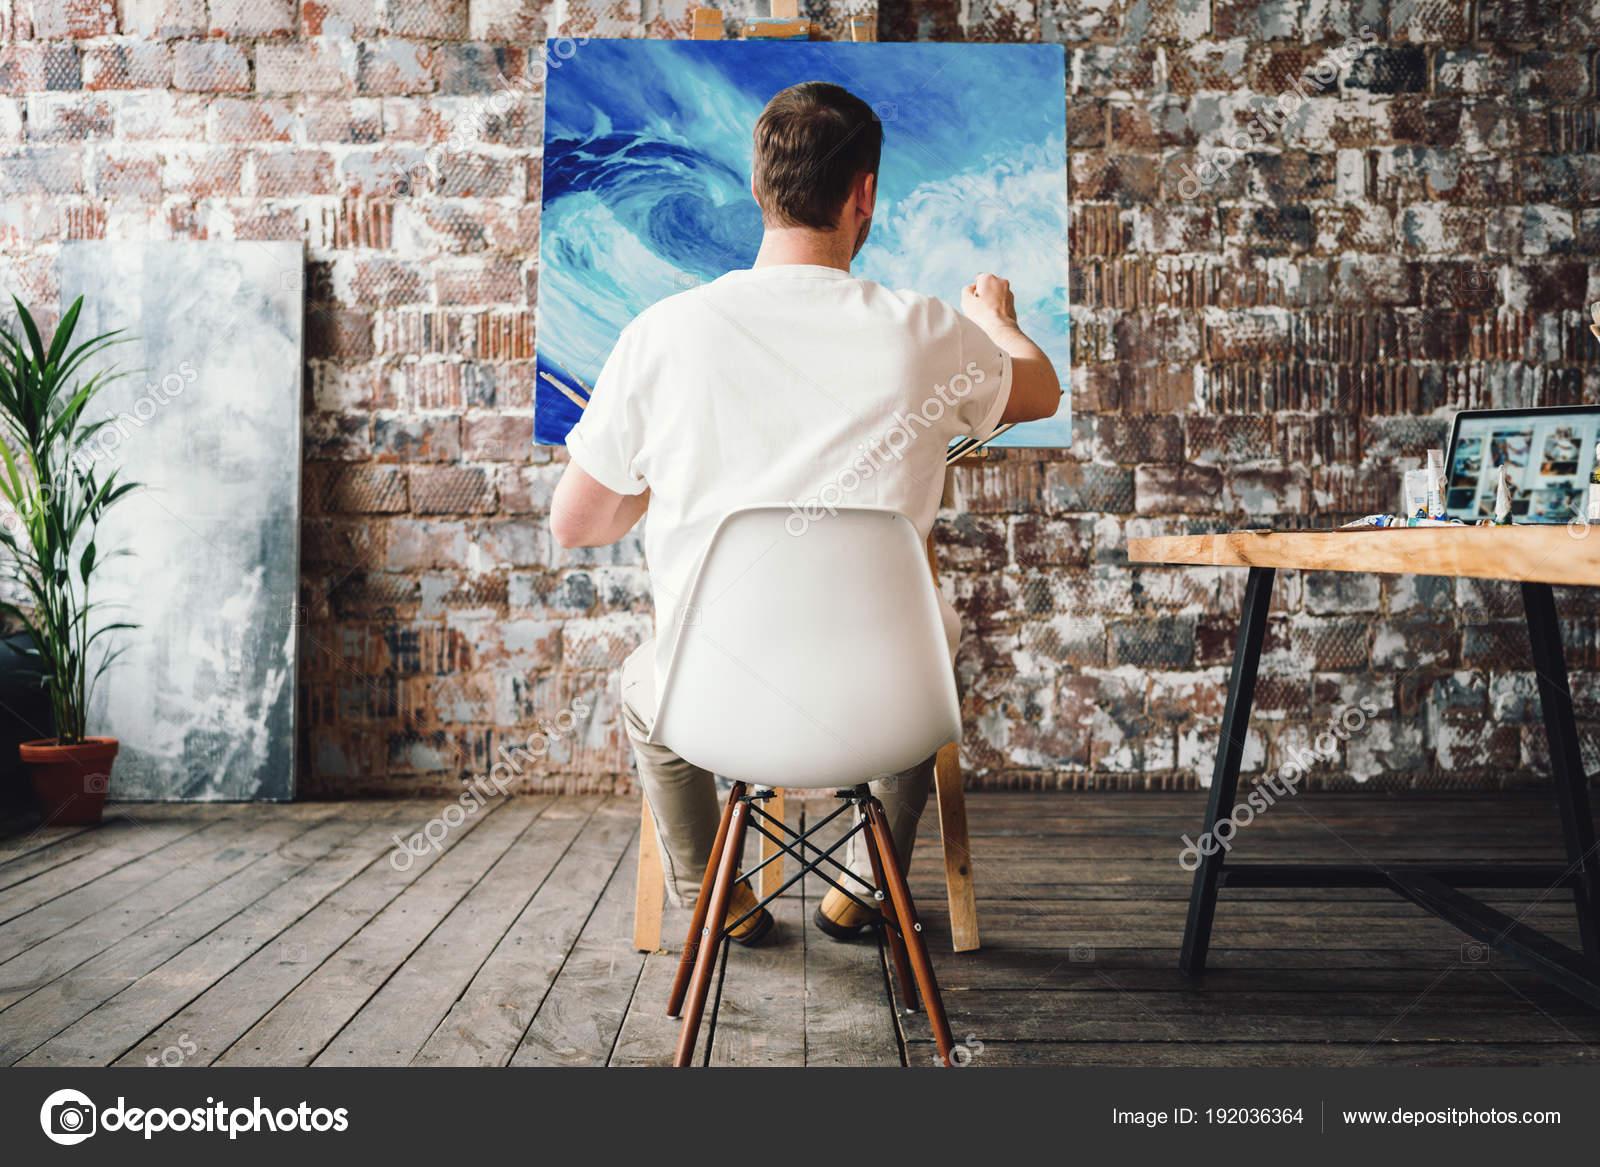 Professionelle Maler Sitzt Auf Stuhl Vordergrund Halten Der